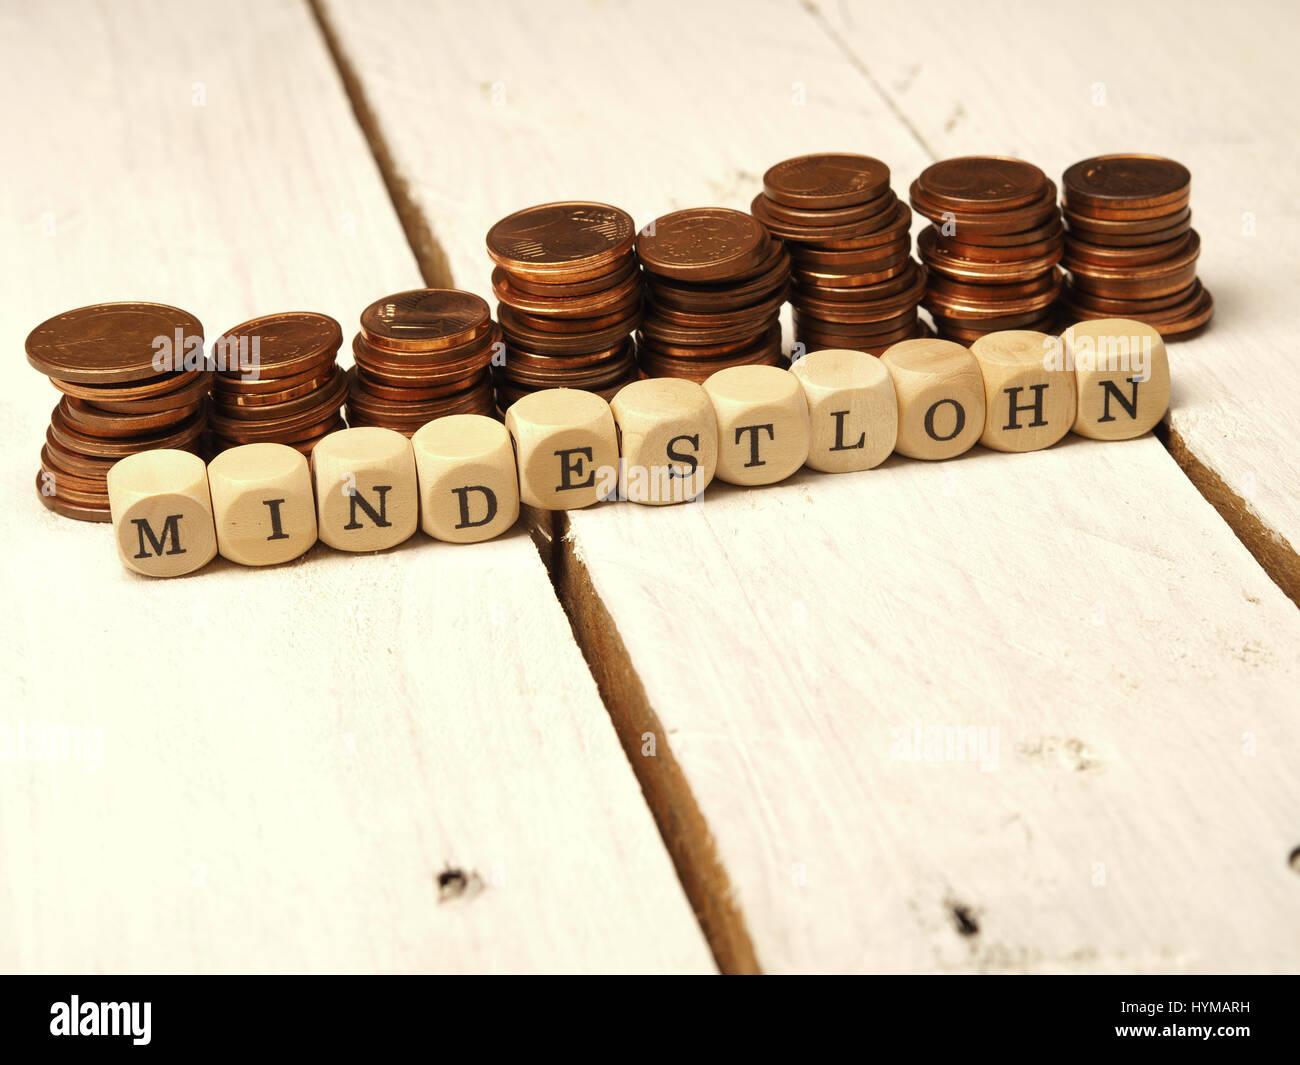 Mindestlohn Konzept Mit Holzwürfeln Und Kleingeld als Geldstapel Stockbild